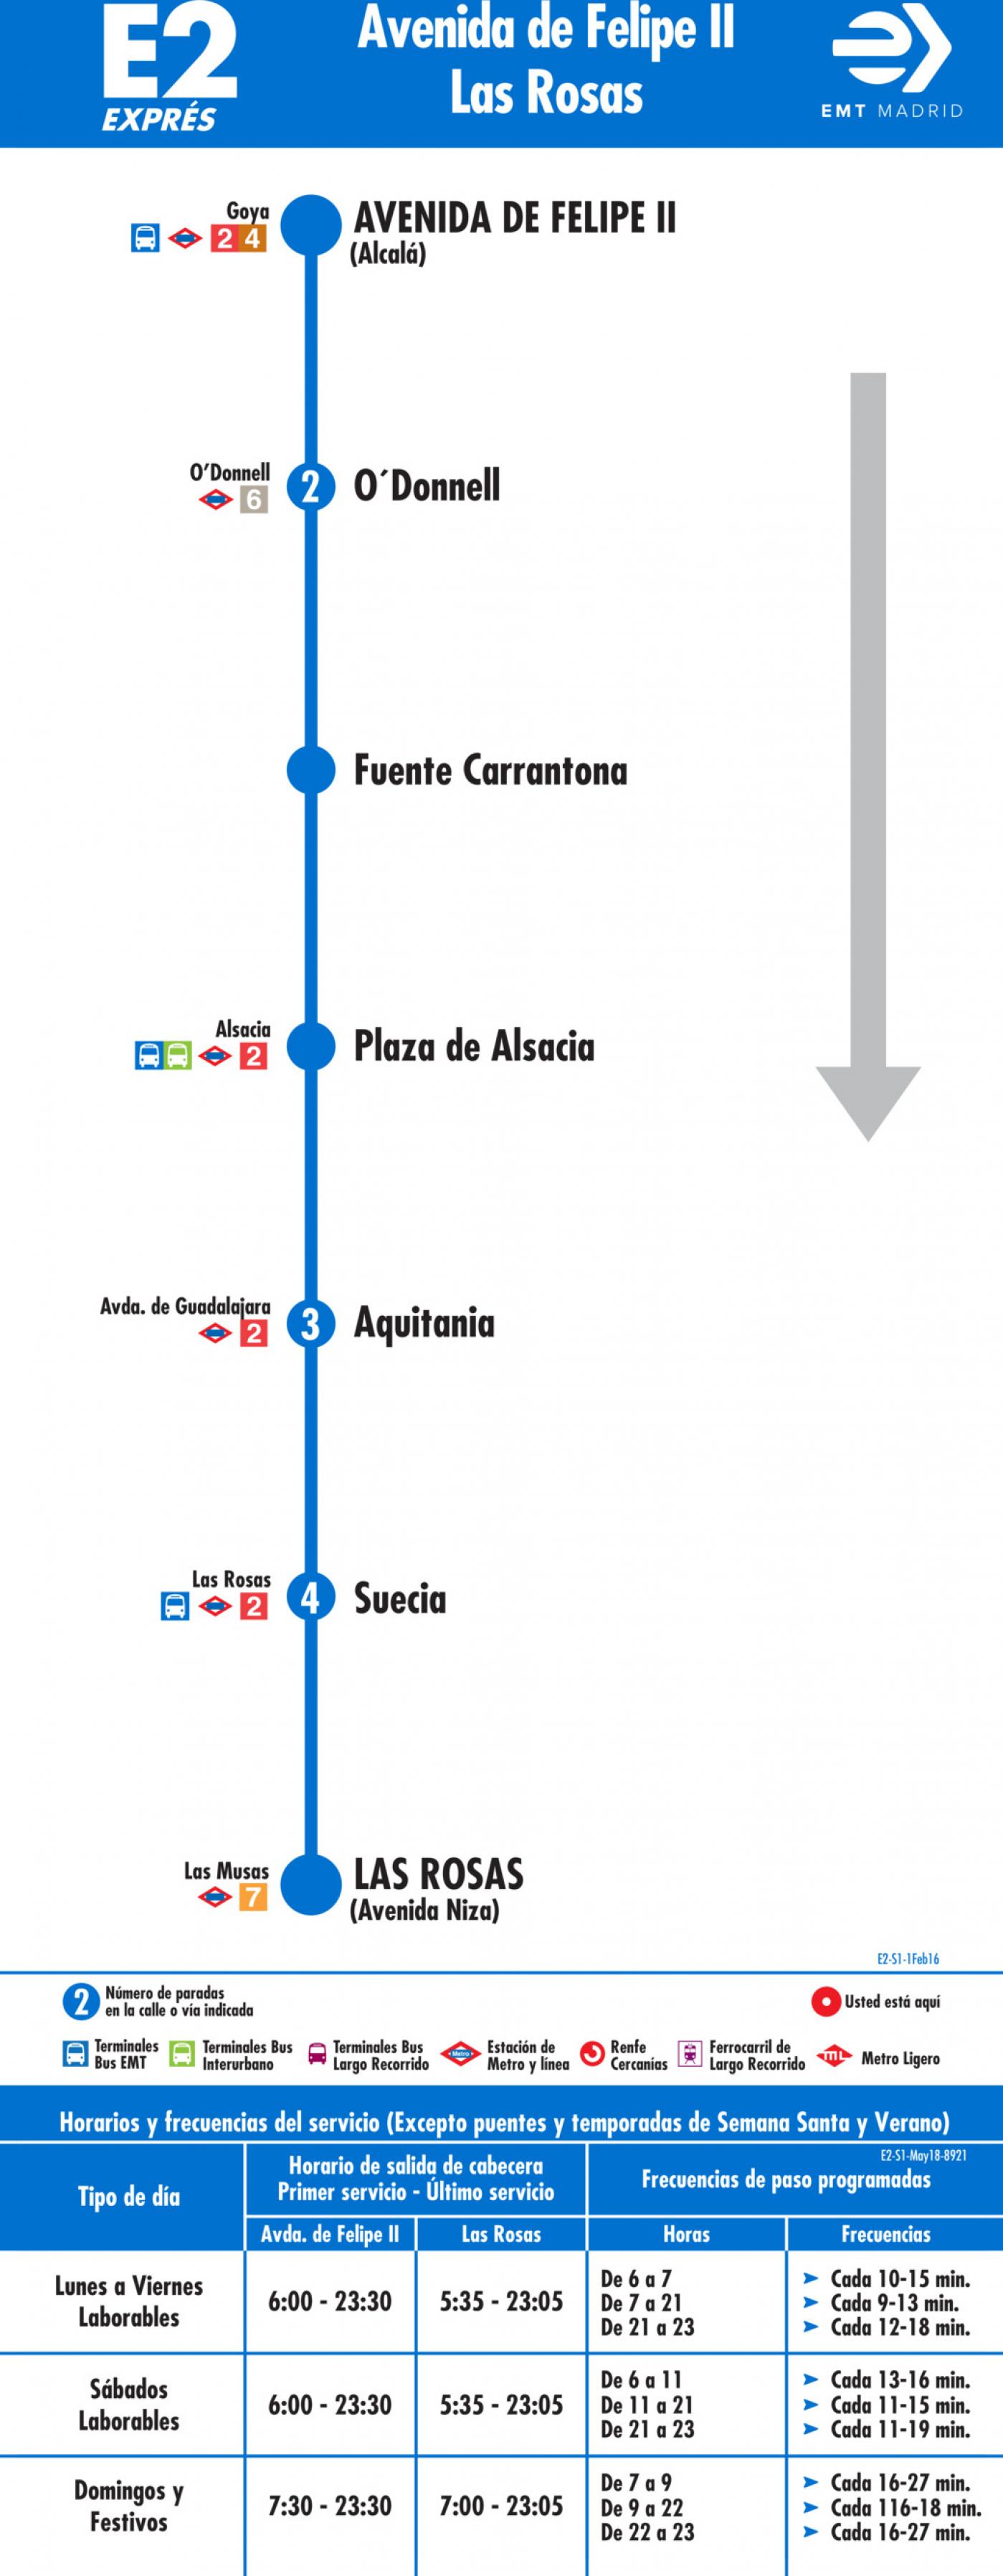 Tabla de horarios y frecuencias de paso en sentido ida Línea E2: Avenida de Felipe II - Las Rosas